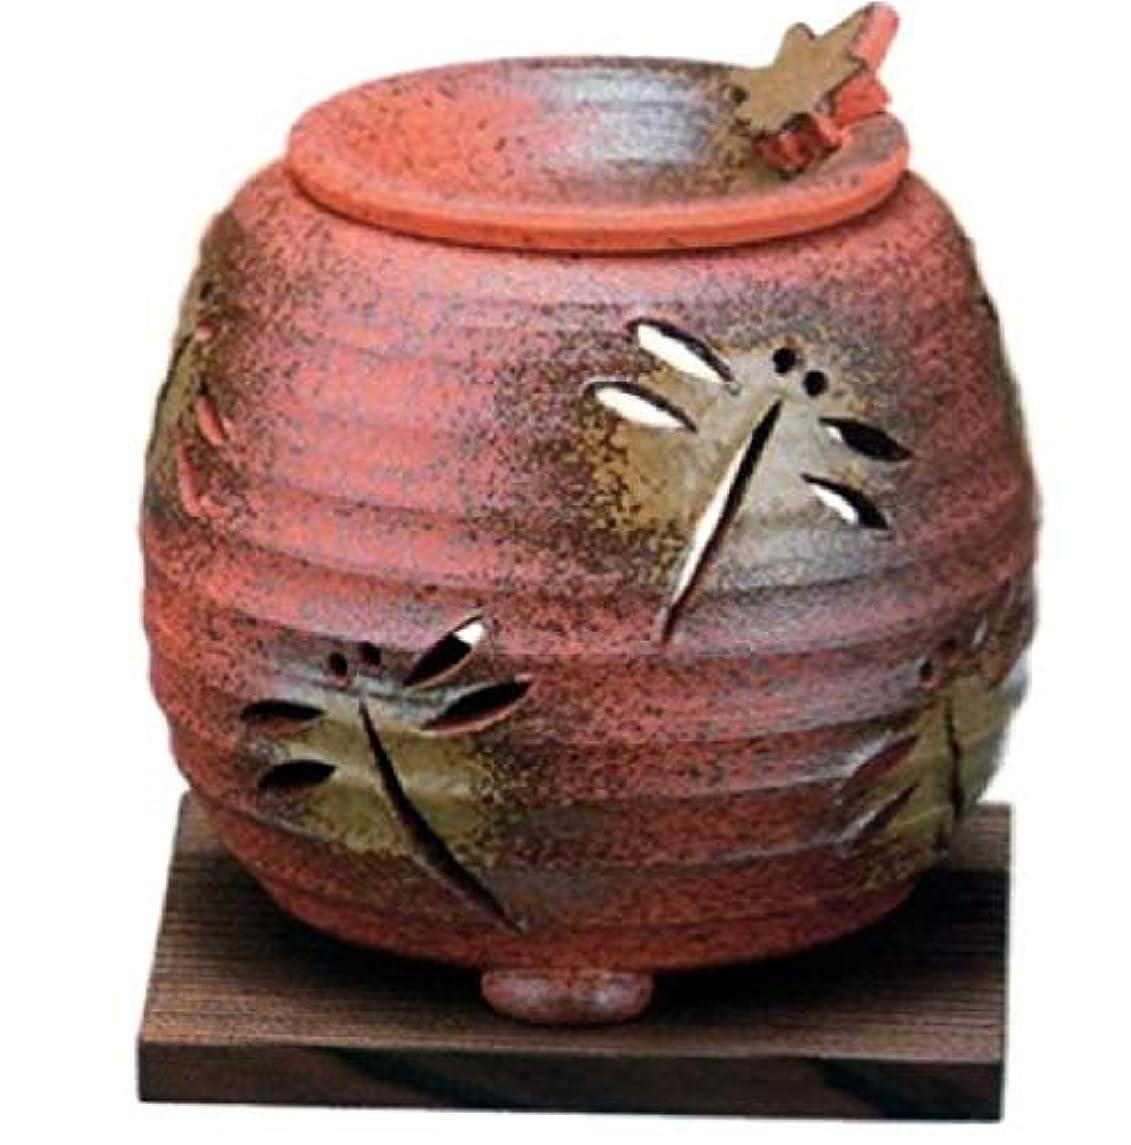 ジャーナルアルファベットフィードバック常滑焼?石龍窯 カ38-07 茶香炉 トンボ 焼杉板付 約φ11×11cm